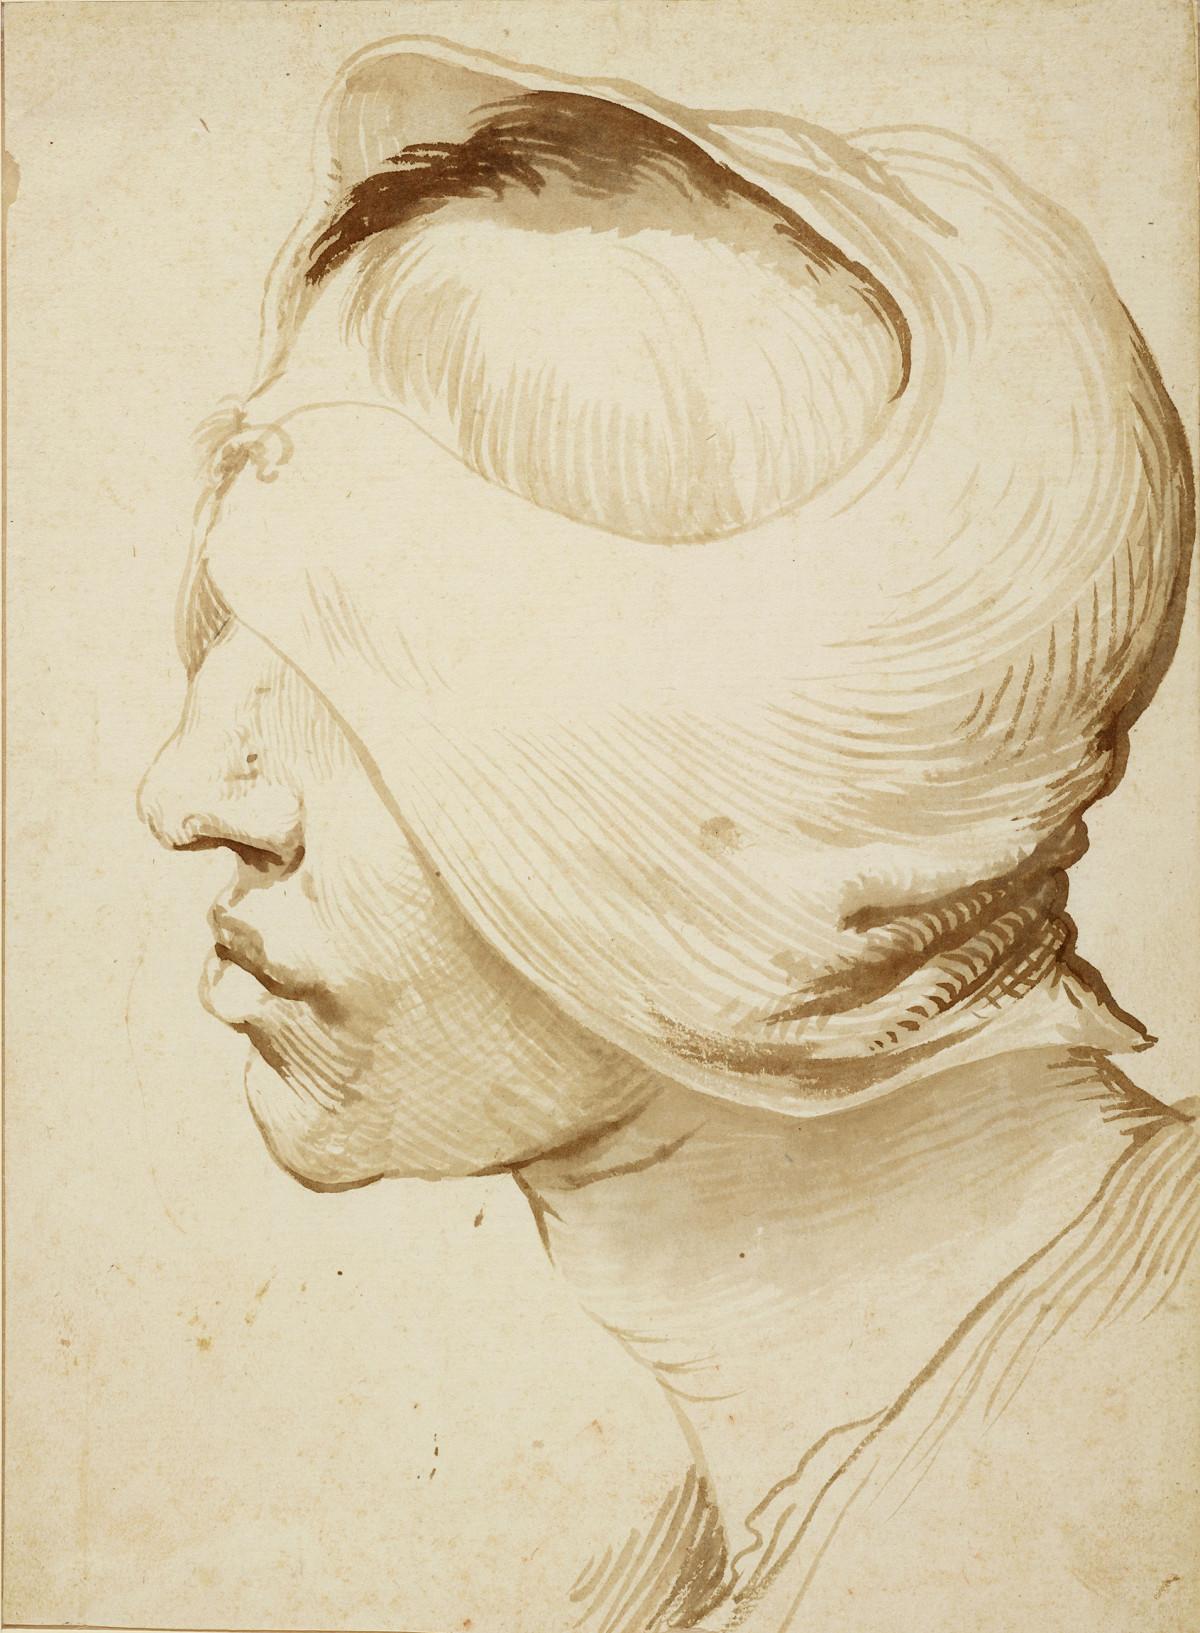 Jusepe de Ribera: Kopf mit Verband, ca. 1630, © Staatliche Museen zu Berlin, Kupferstichkabinett (Foto: Volker-H. Schneider)